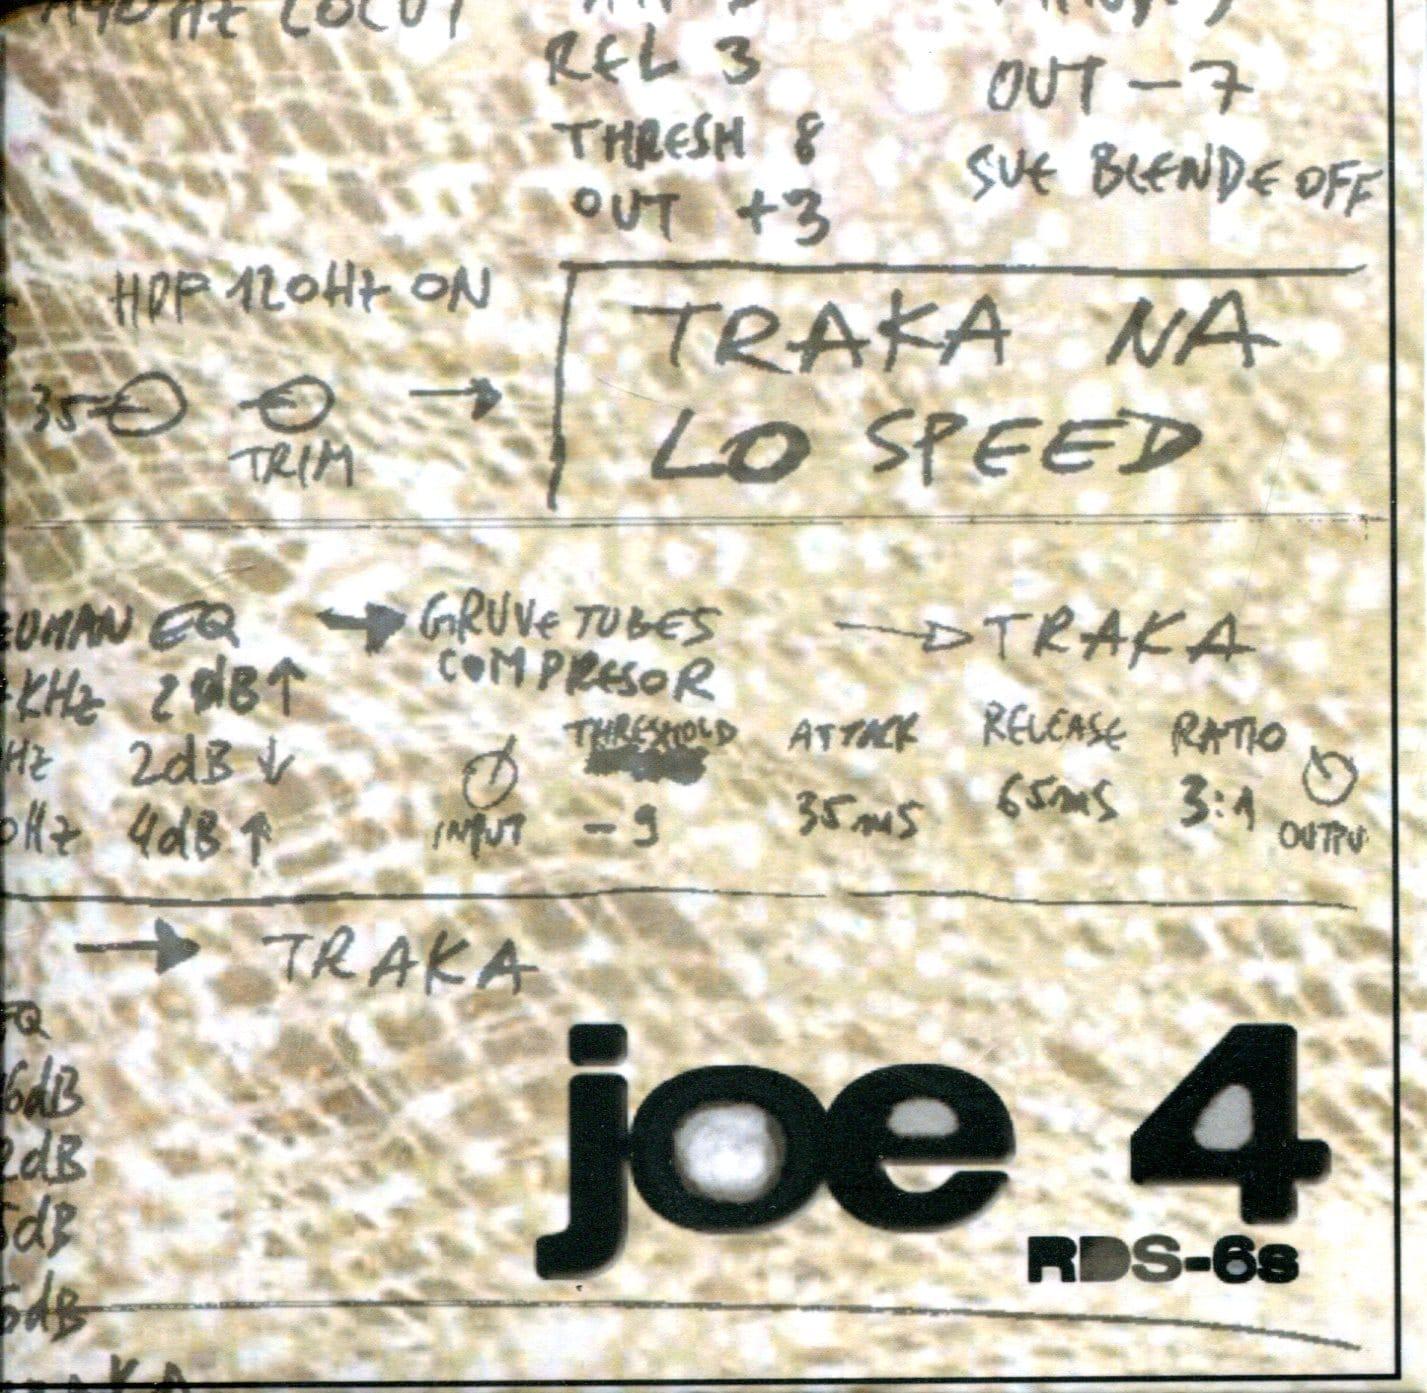 RDS-6s Joe 4